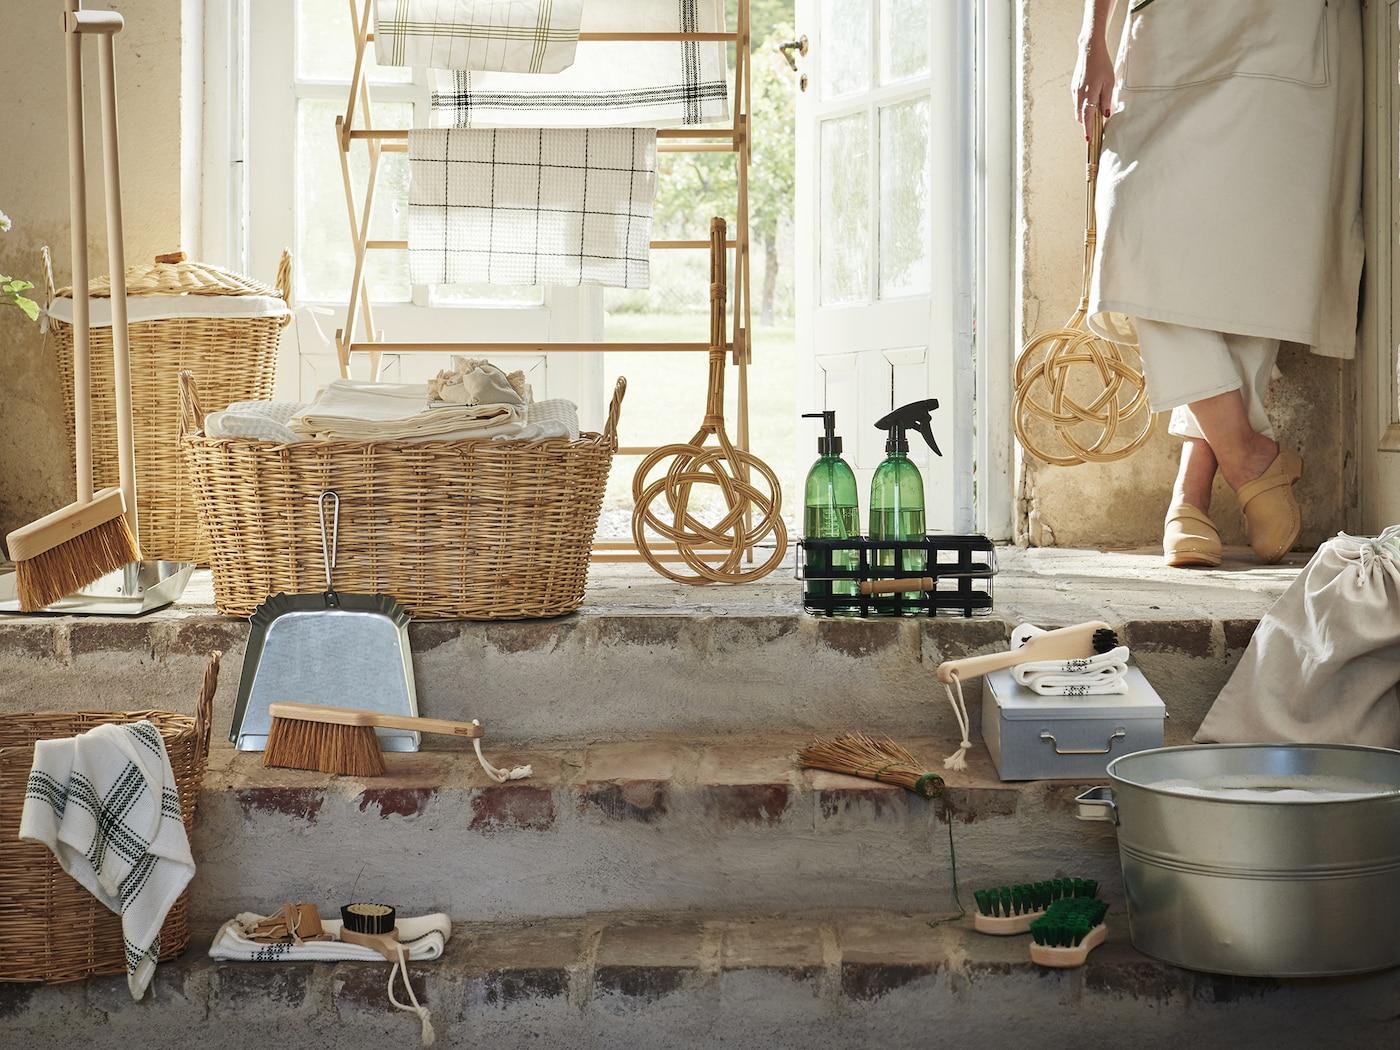 Kolekce výrobků BORSTAD vystavená přede dveřmi, vedle dveří stojí žena s plácačkou na koberce.